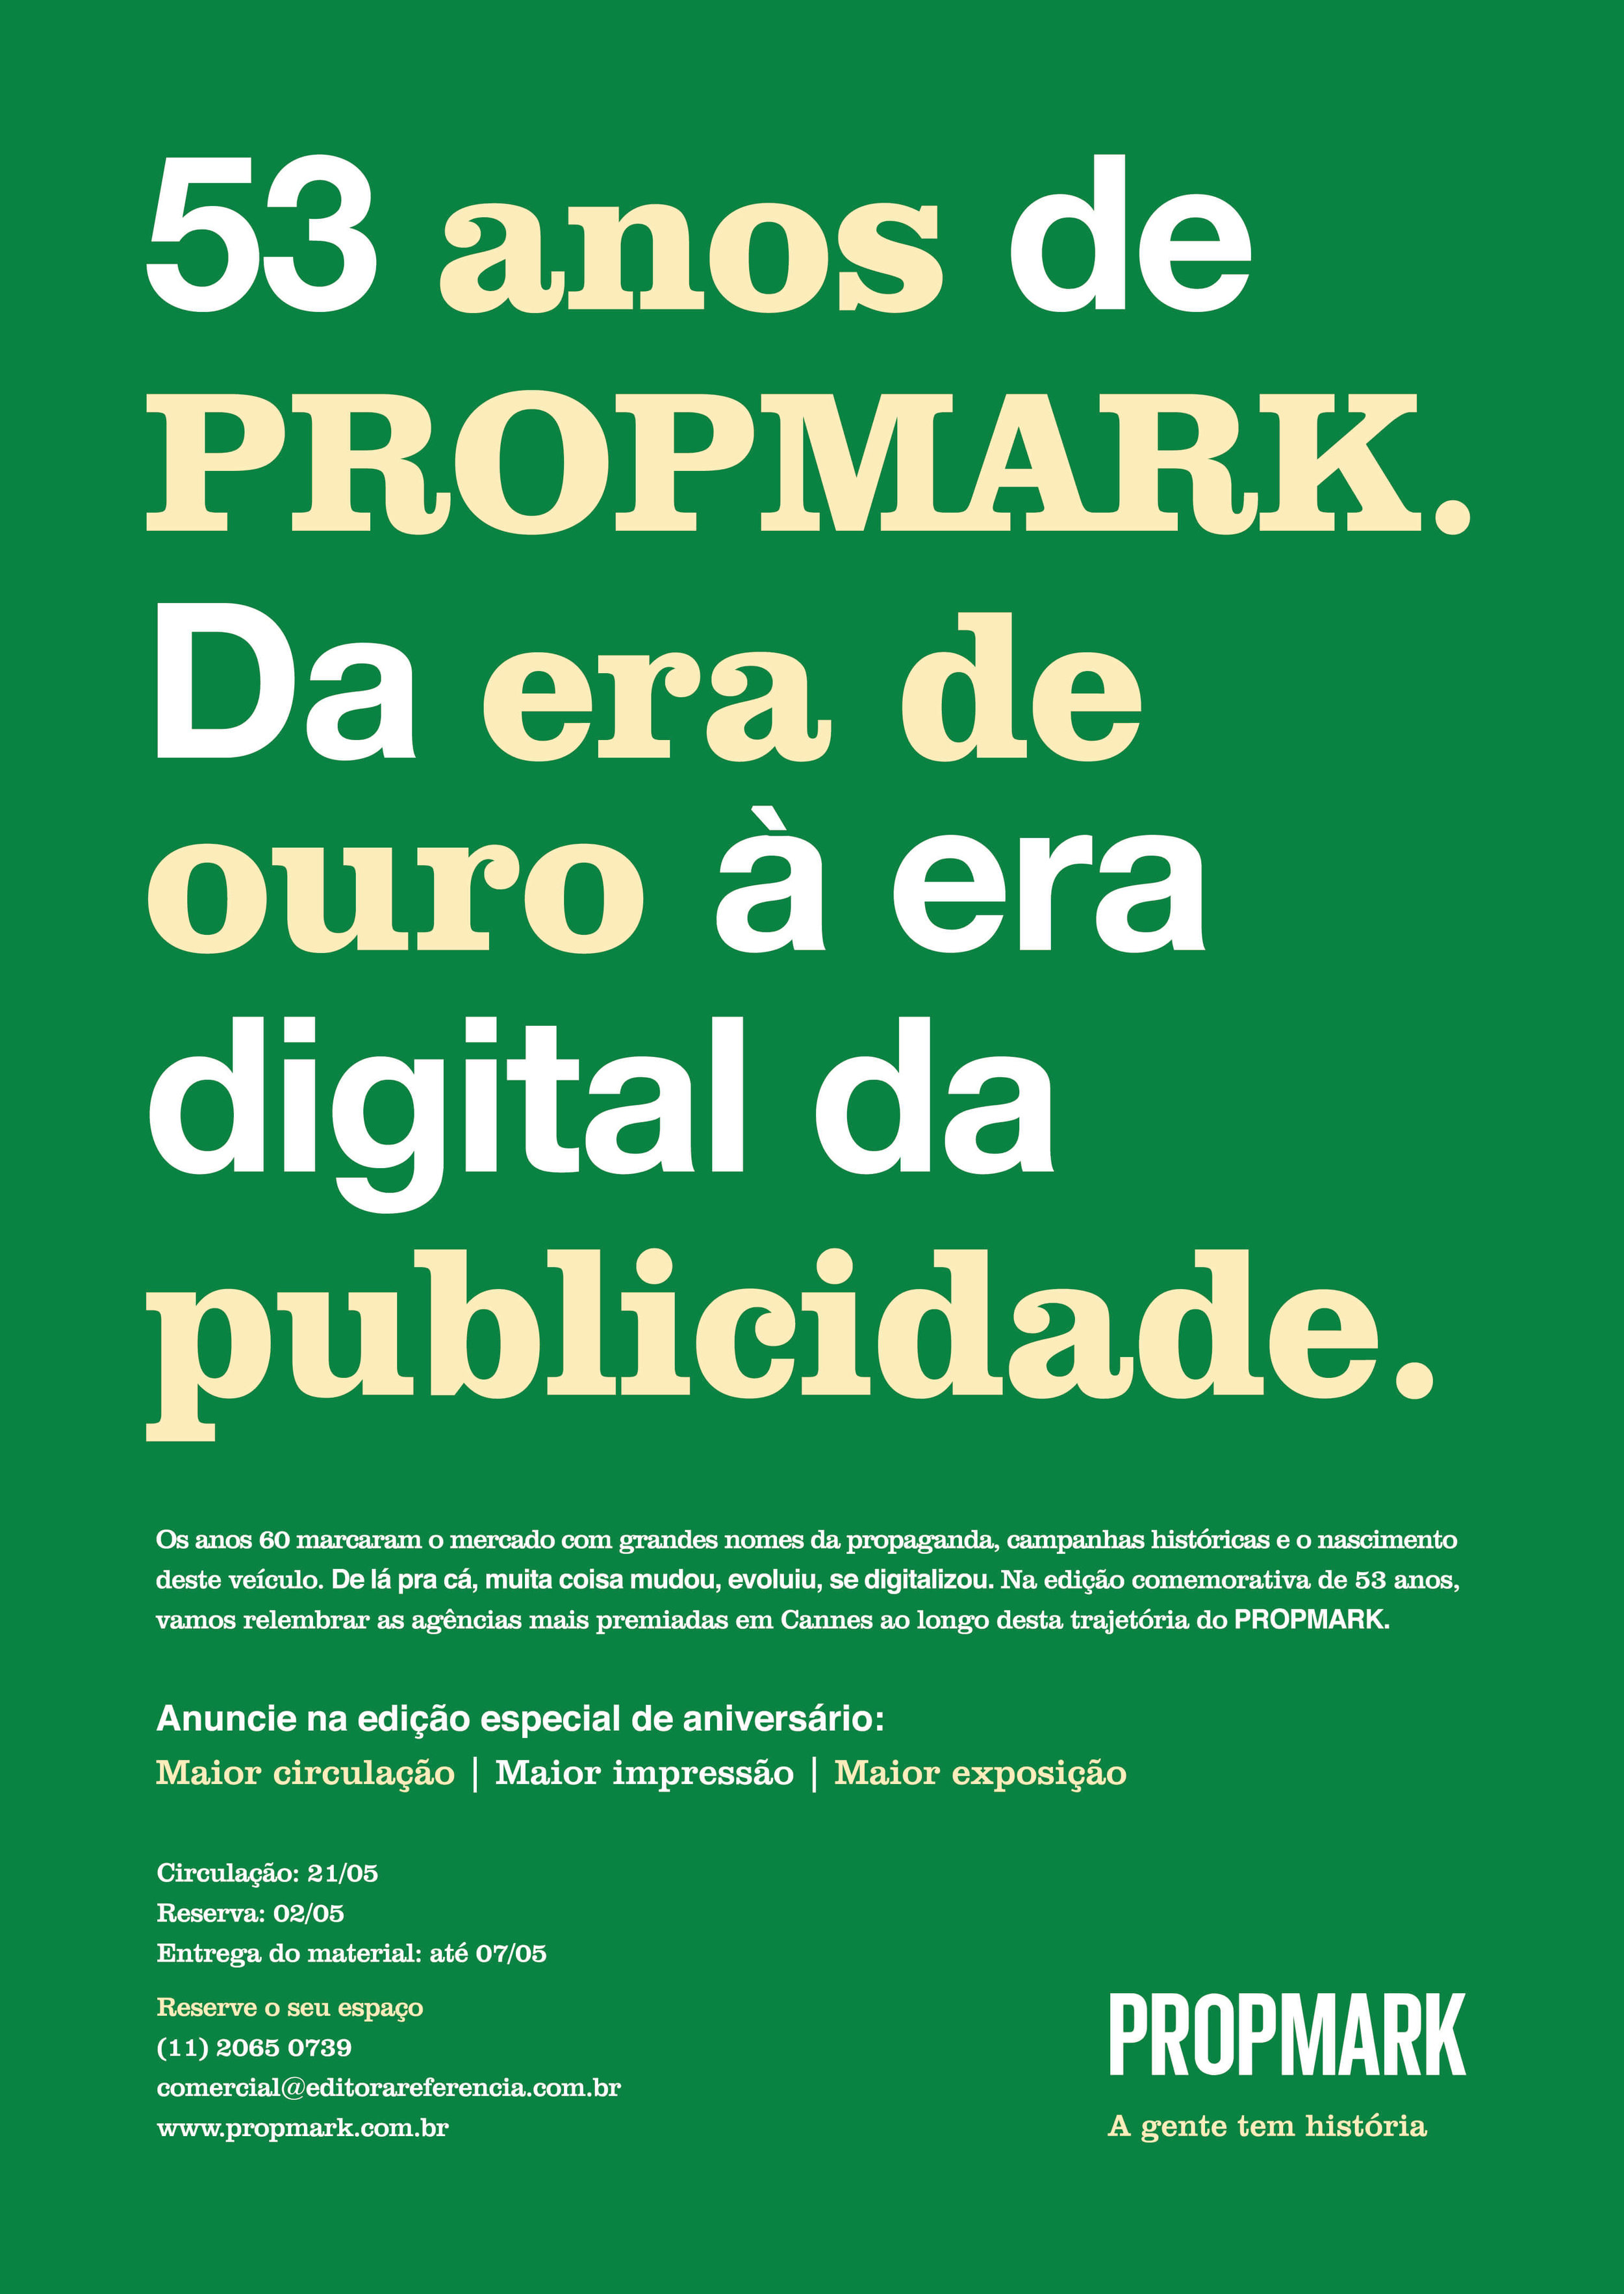 Campanha_Aniversário.jpg